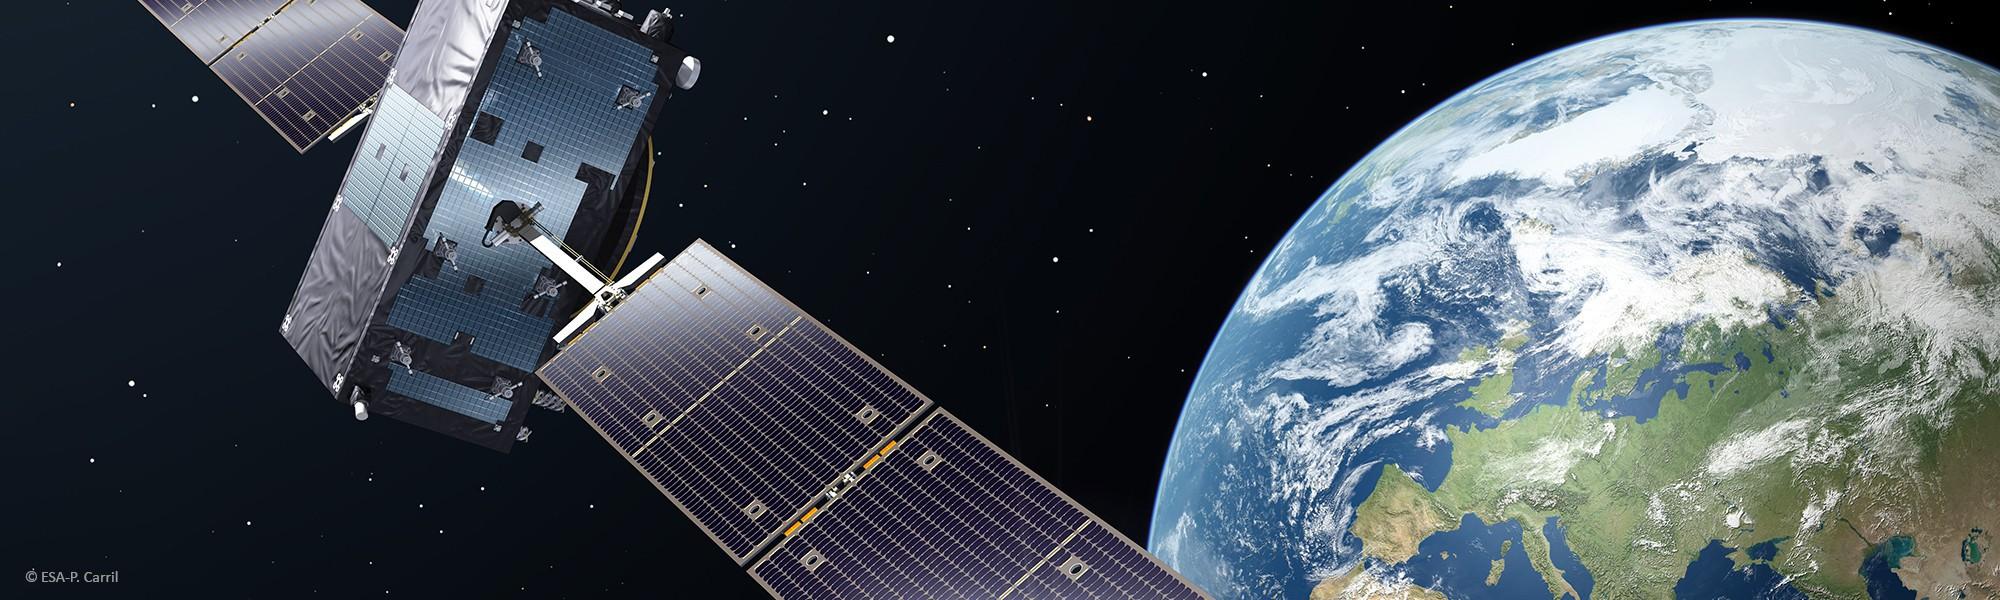 Galileo Satellite in Orbit